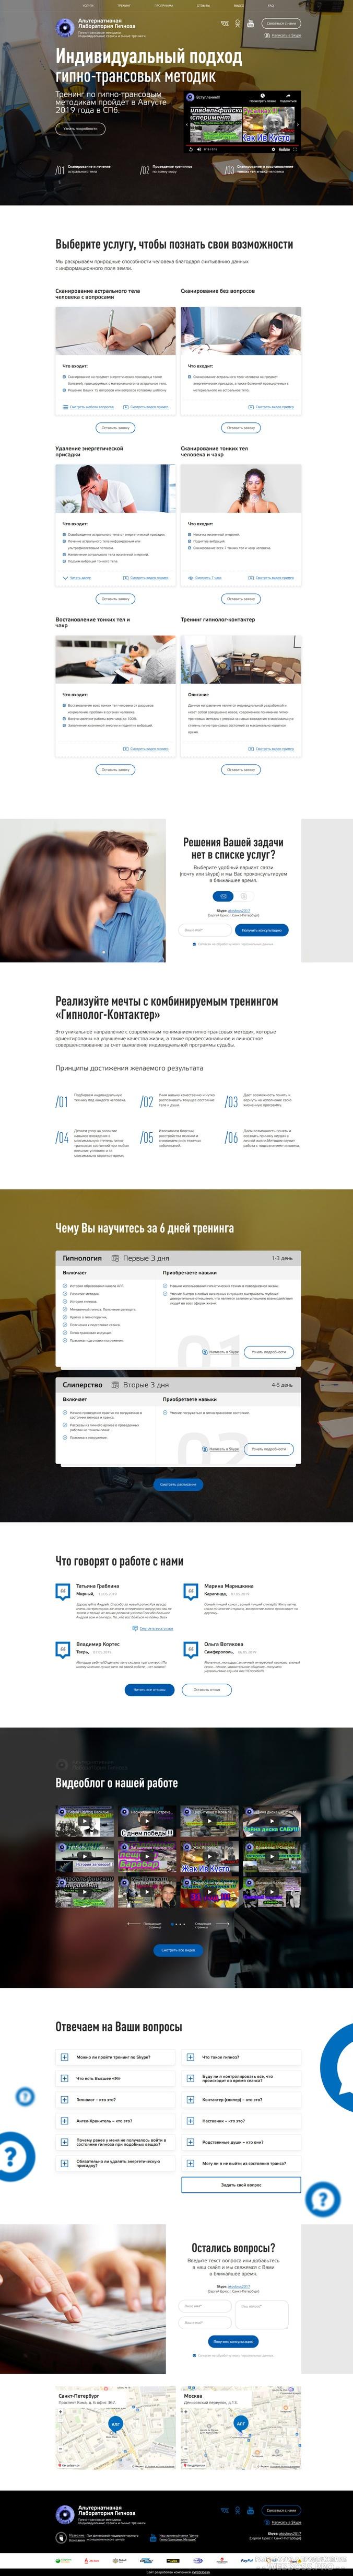 Создание сайта: Сайт по тренингам гипноза (после)